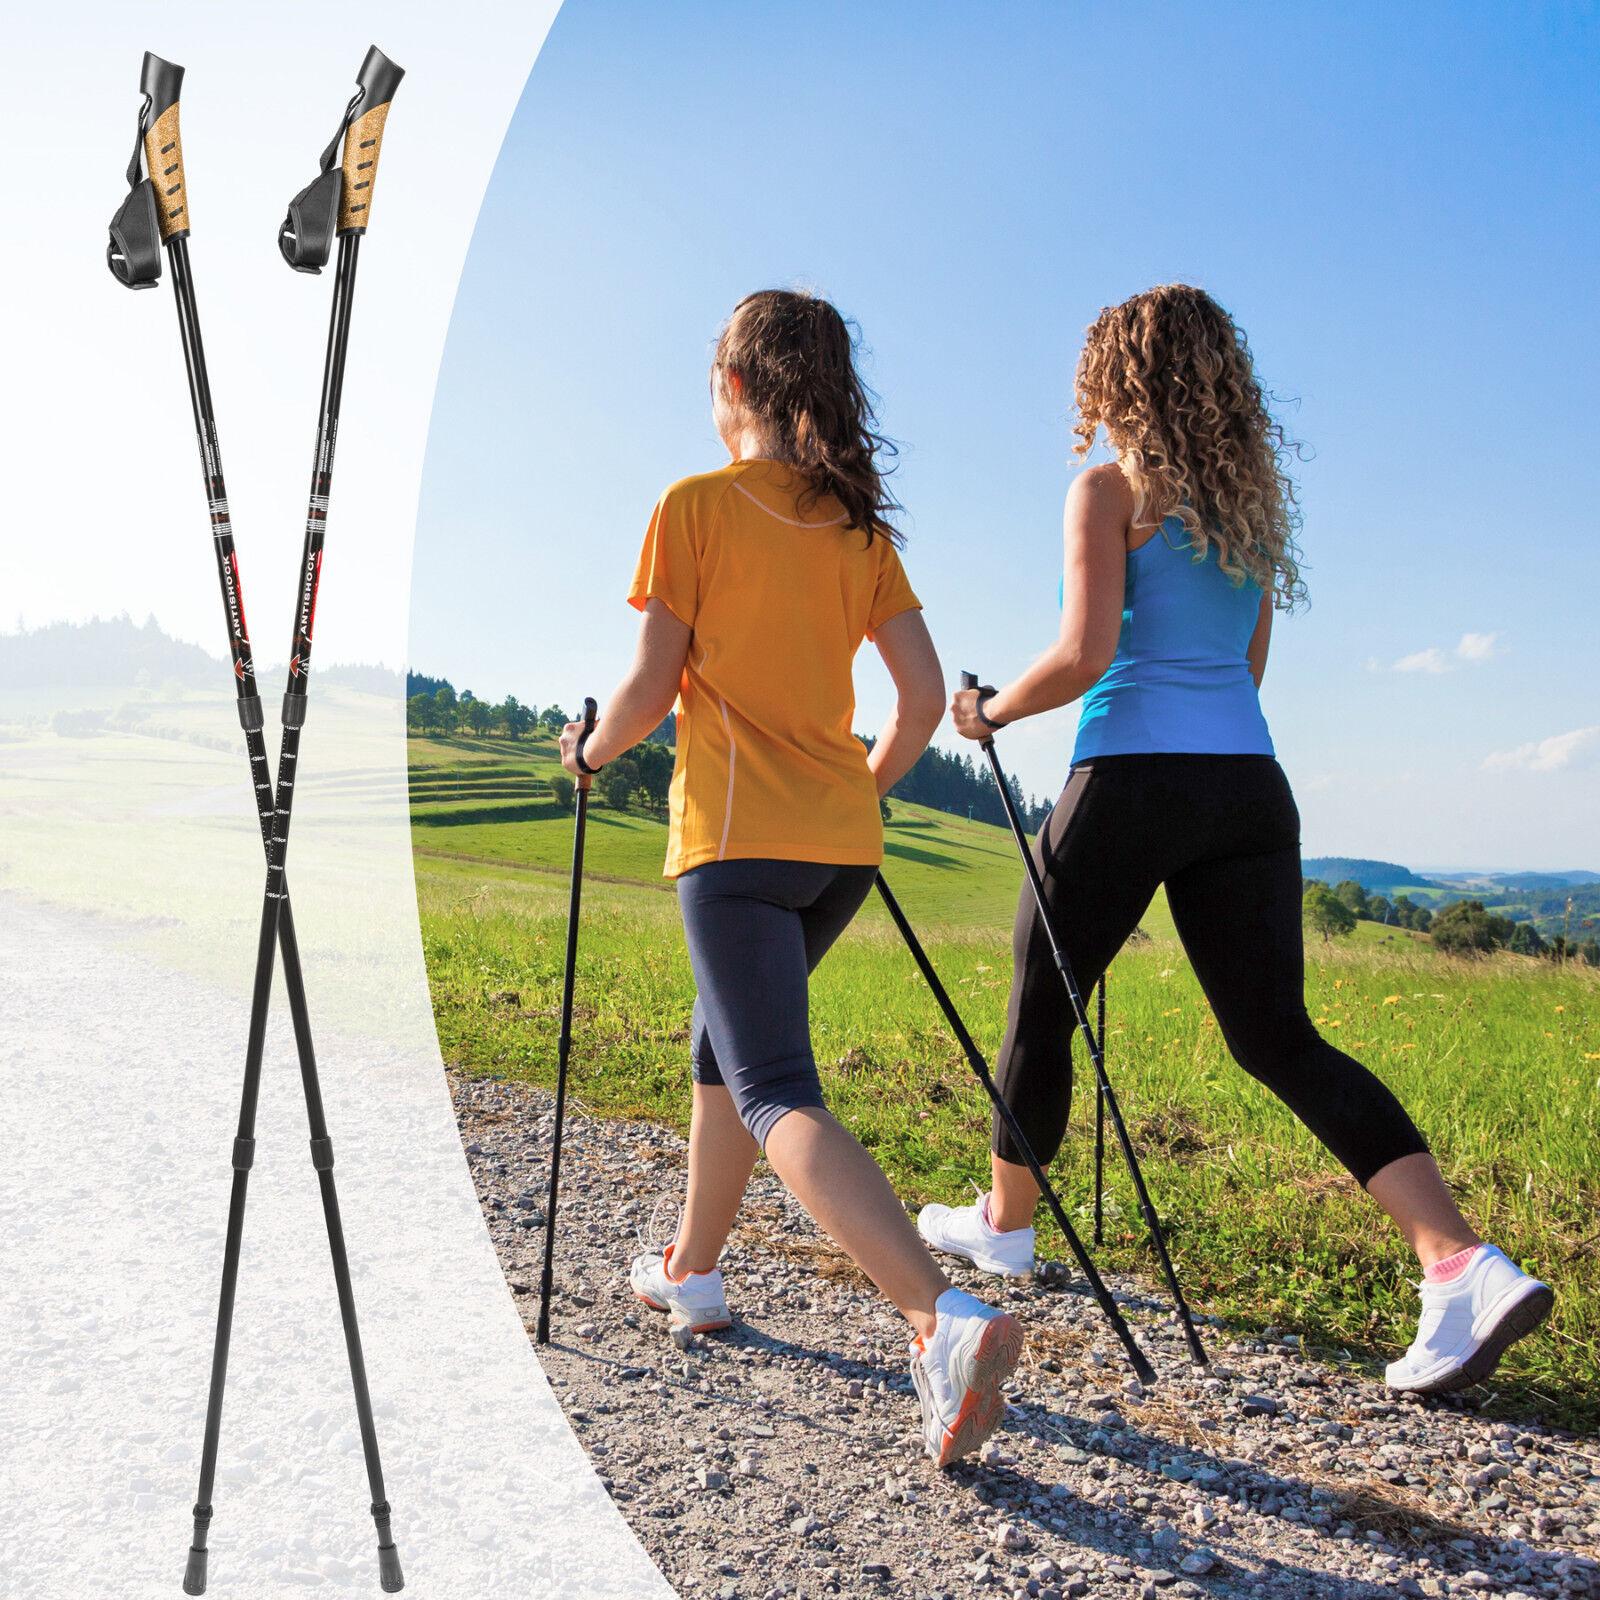 Paire bâtons de de de marche nordique télescopiques trekking randonnée réglable noir 41bb87